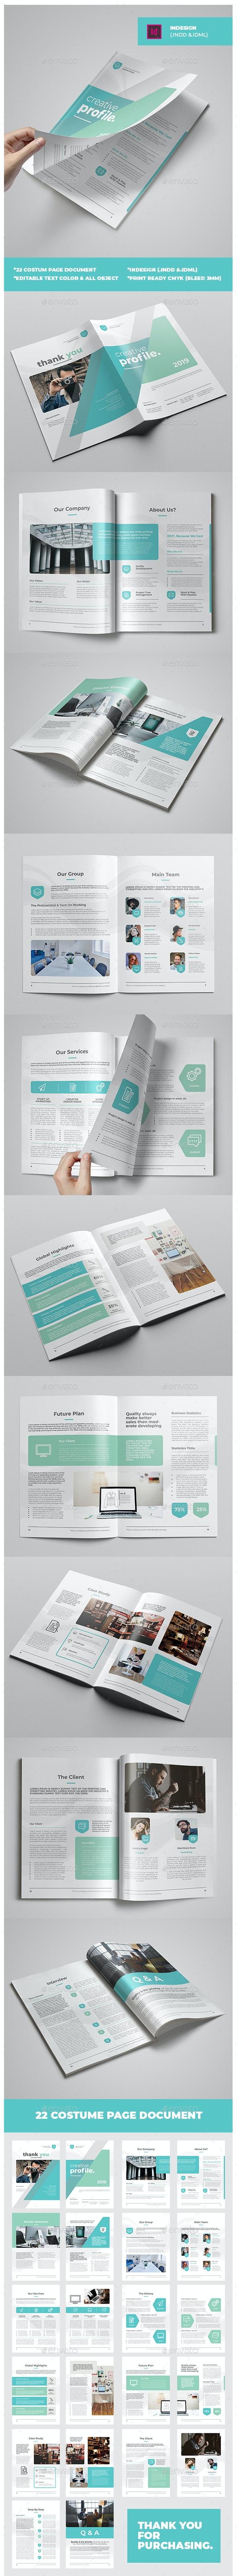 Creative Profile Template - Corporate Brochures